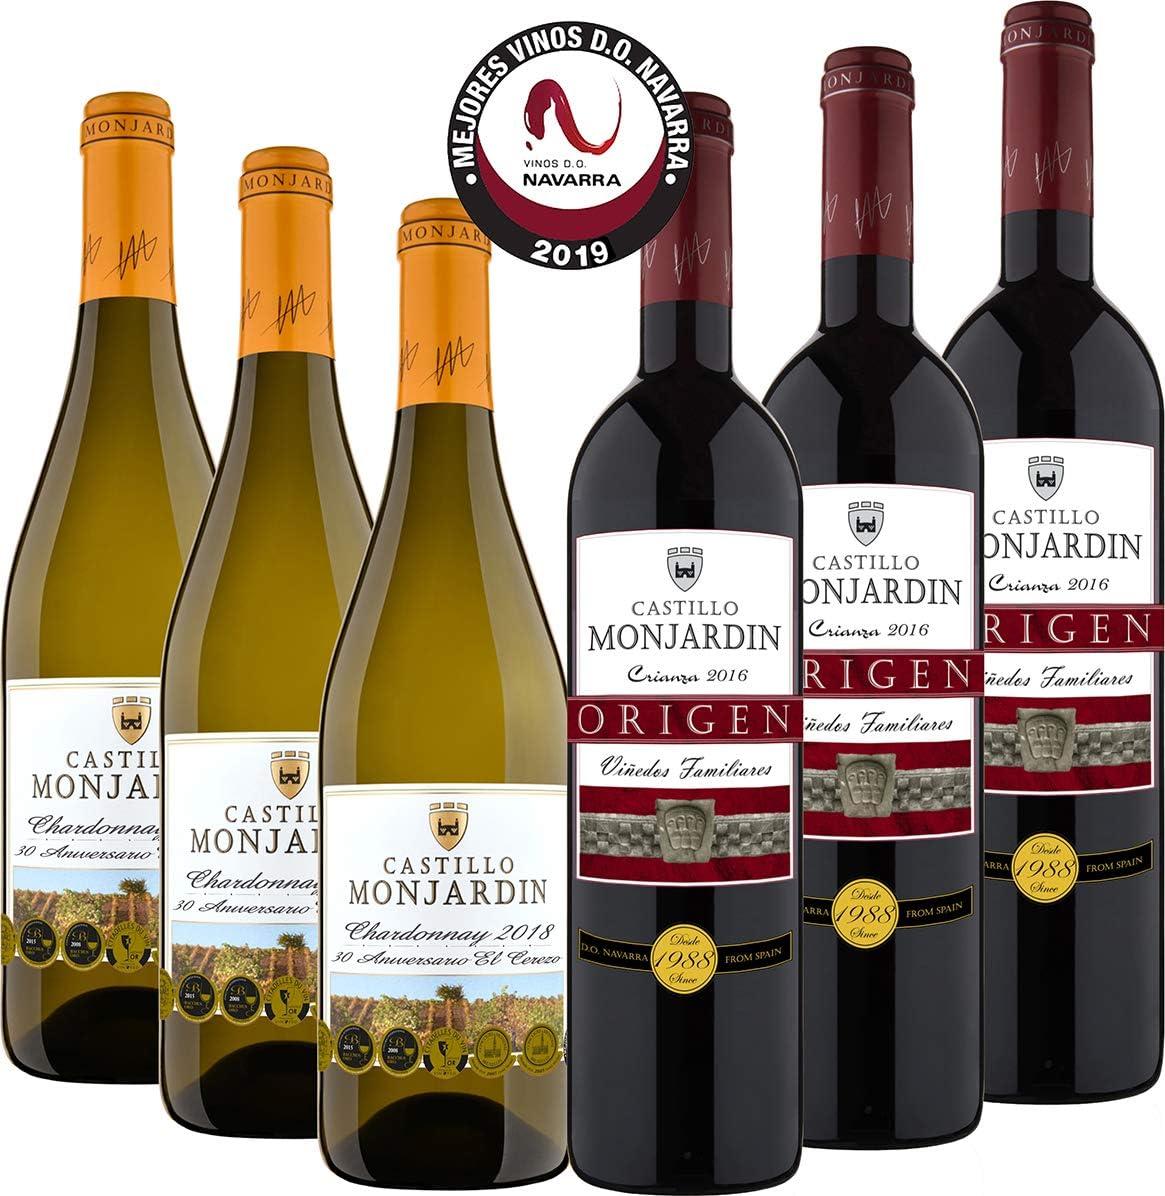 Castillo Monjardín - Colección Mejores Vinos D.O. Navarra 2019 - Colección 6 bot.: Amazon.es: Alimentación y bebidas